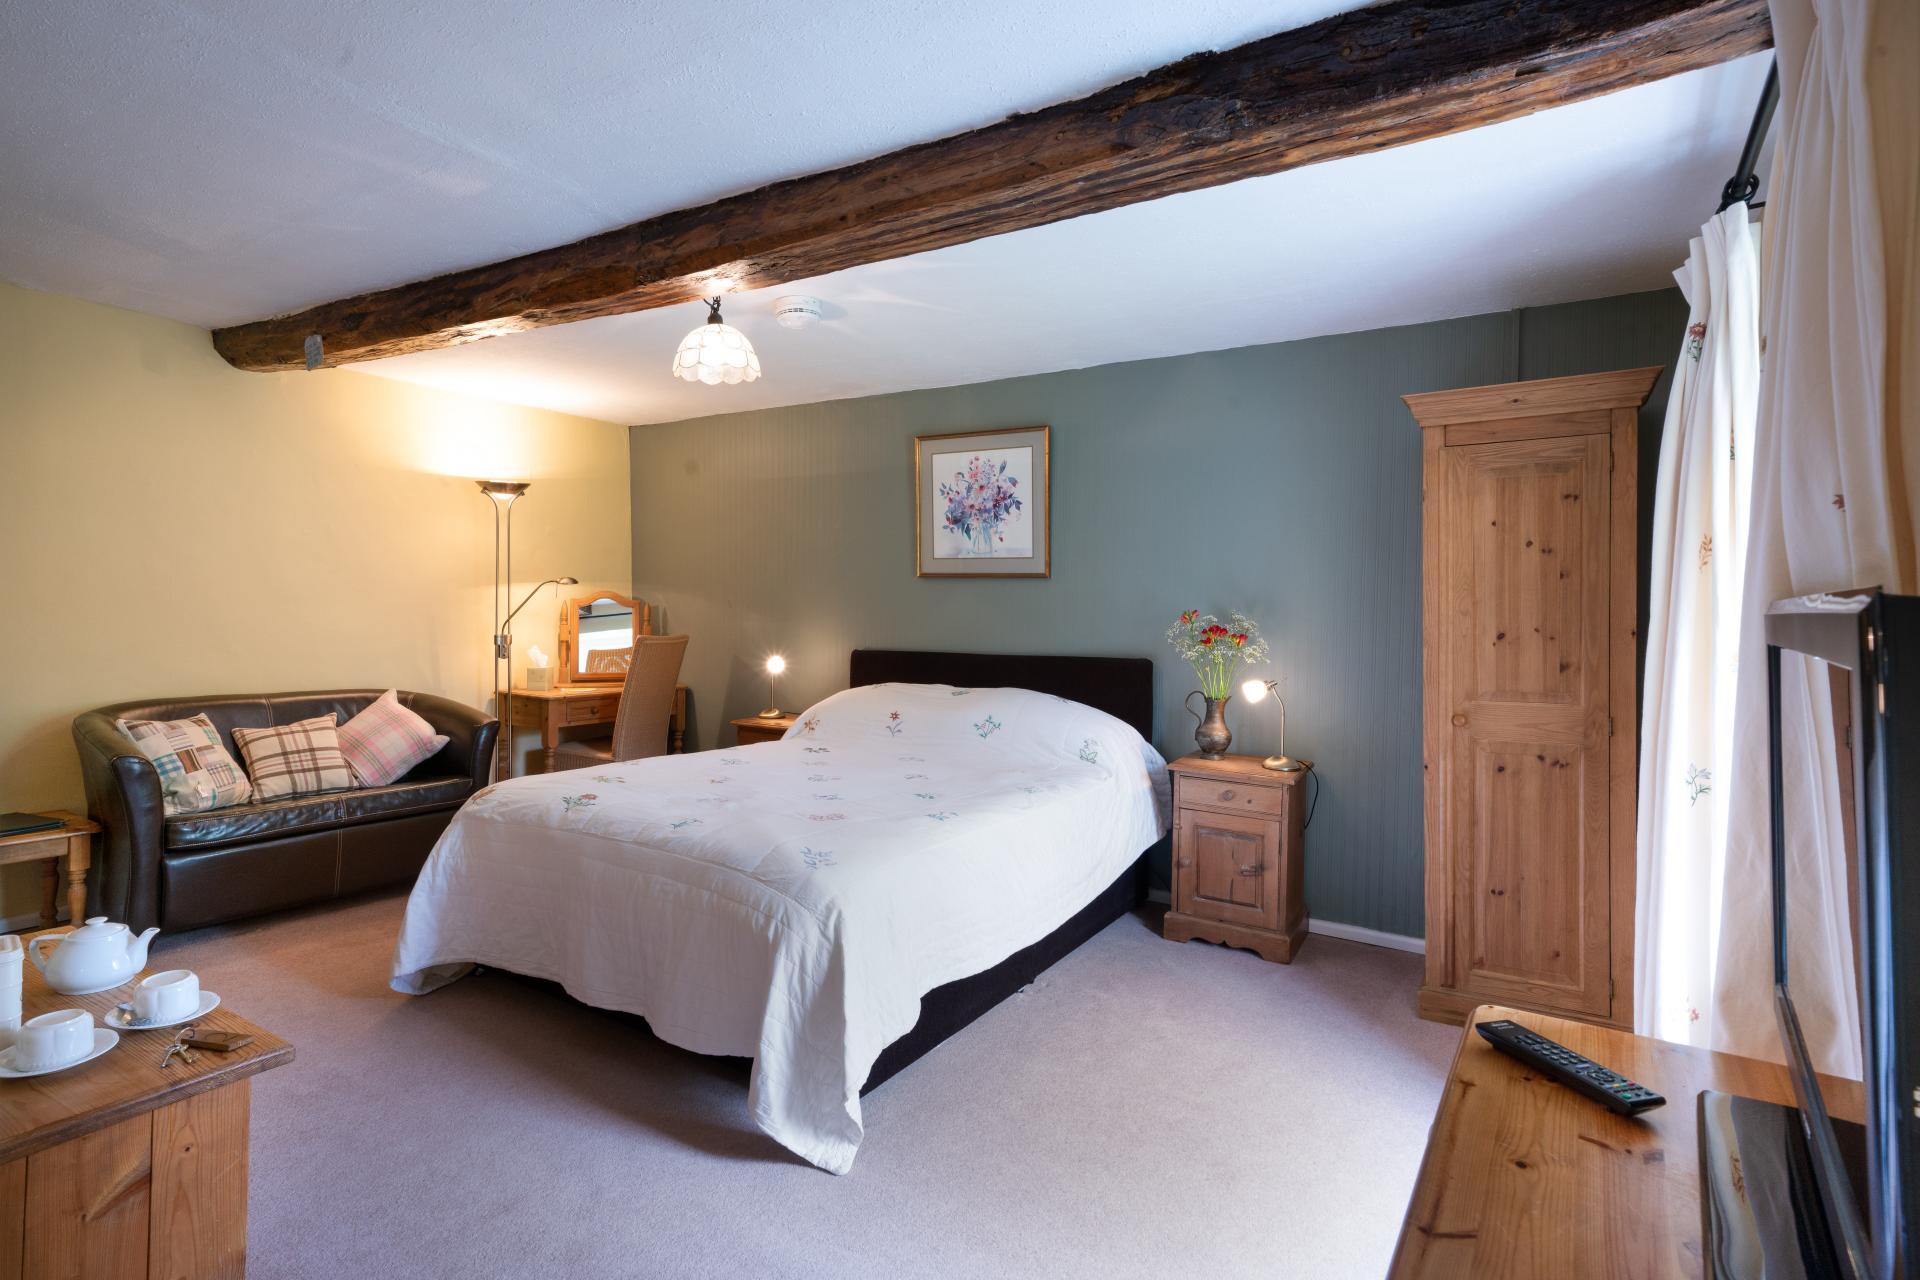 King Size Double En Suite Bedroom with Breakfast